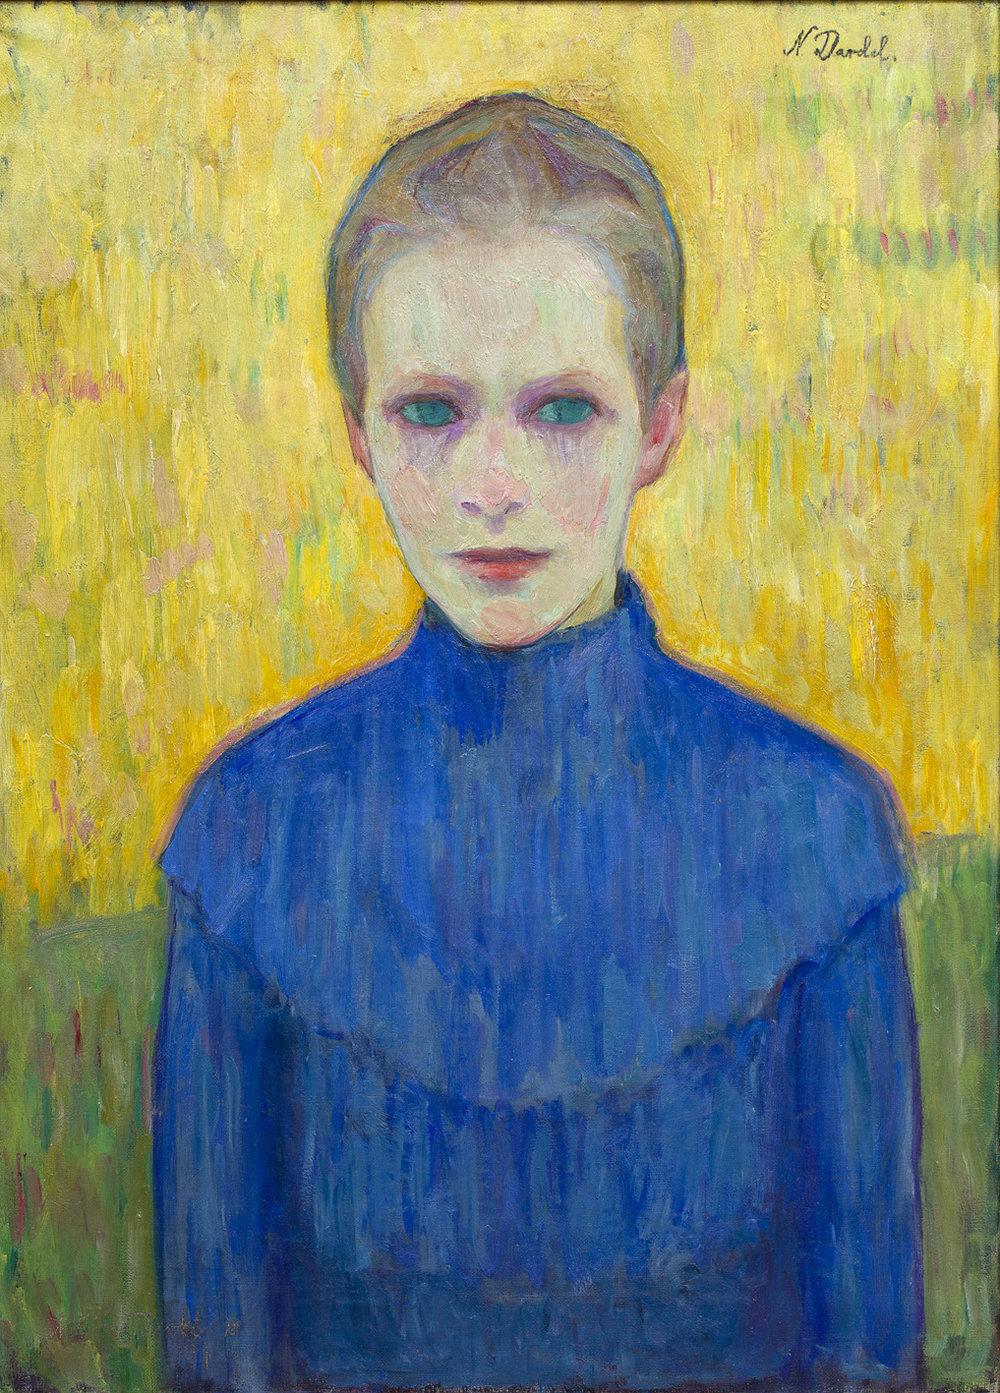 Nils Dardel   Flicka i blå klänning  1910 Oil on canvas 62 x 45 cm